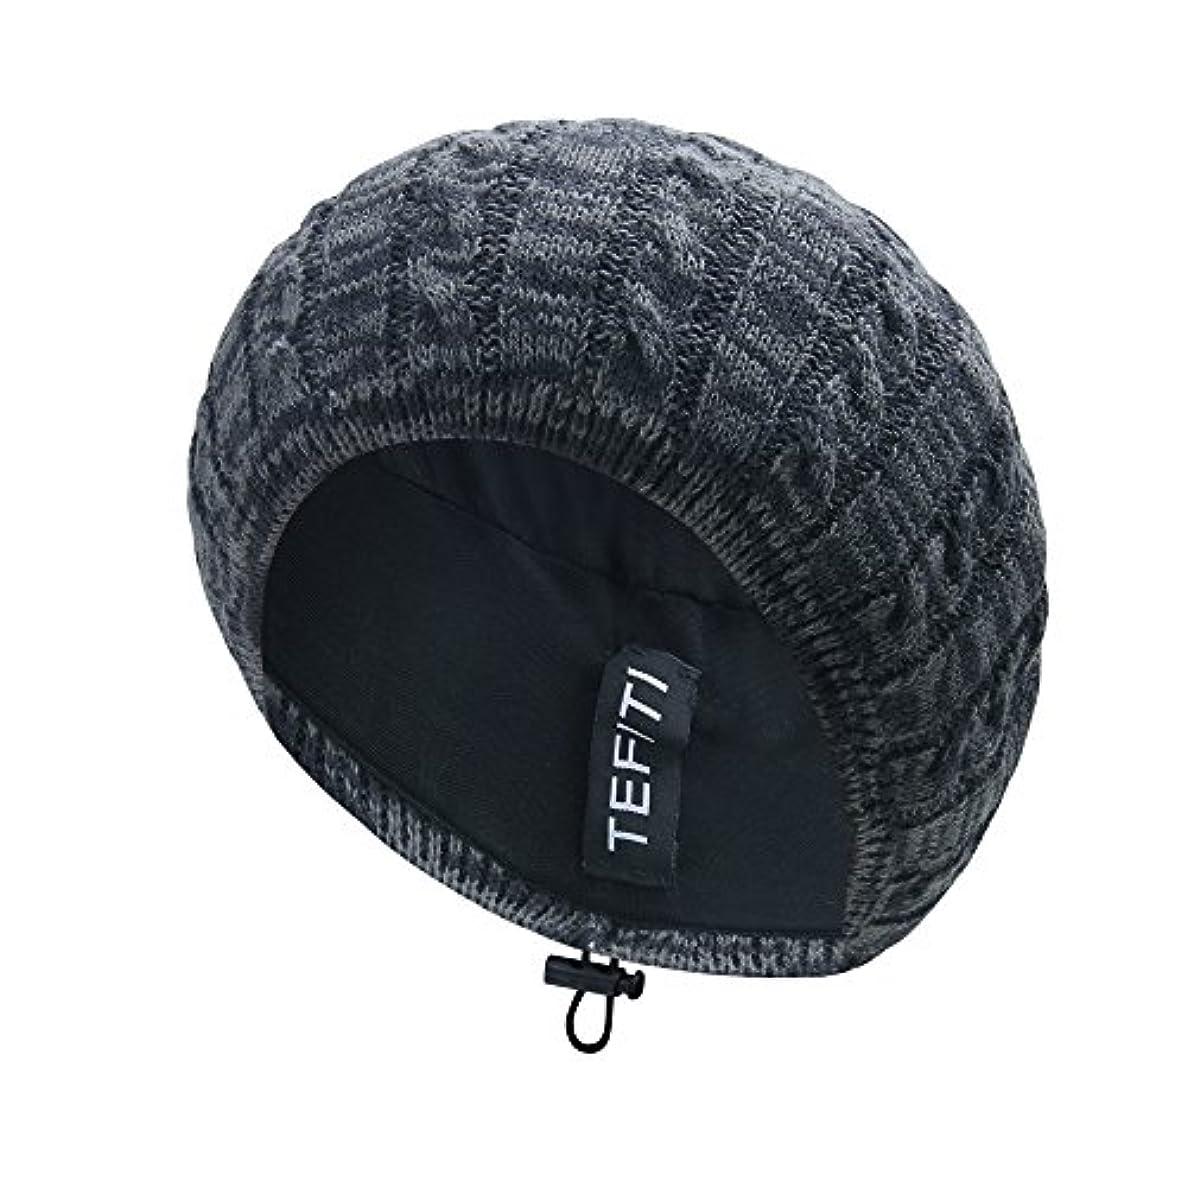 納得させるベルトホイットニーレディース帽子、cococap調整可能ニットビーニーベレー帽レディースガールズ軽量ヘアネットスヌード帽子